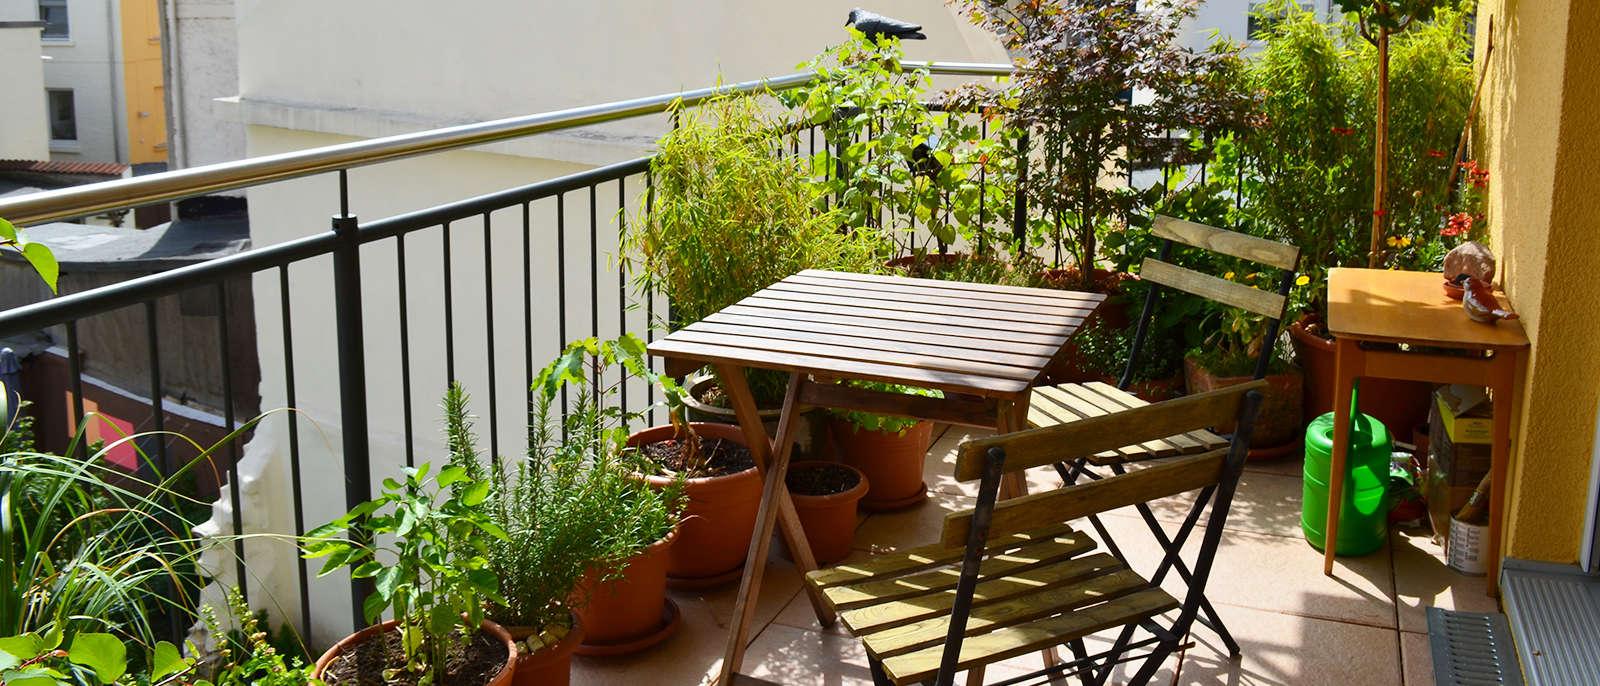 Genoeg Balkon inrichten: 6 tips voor een stijlvol balkon TE14